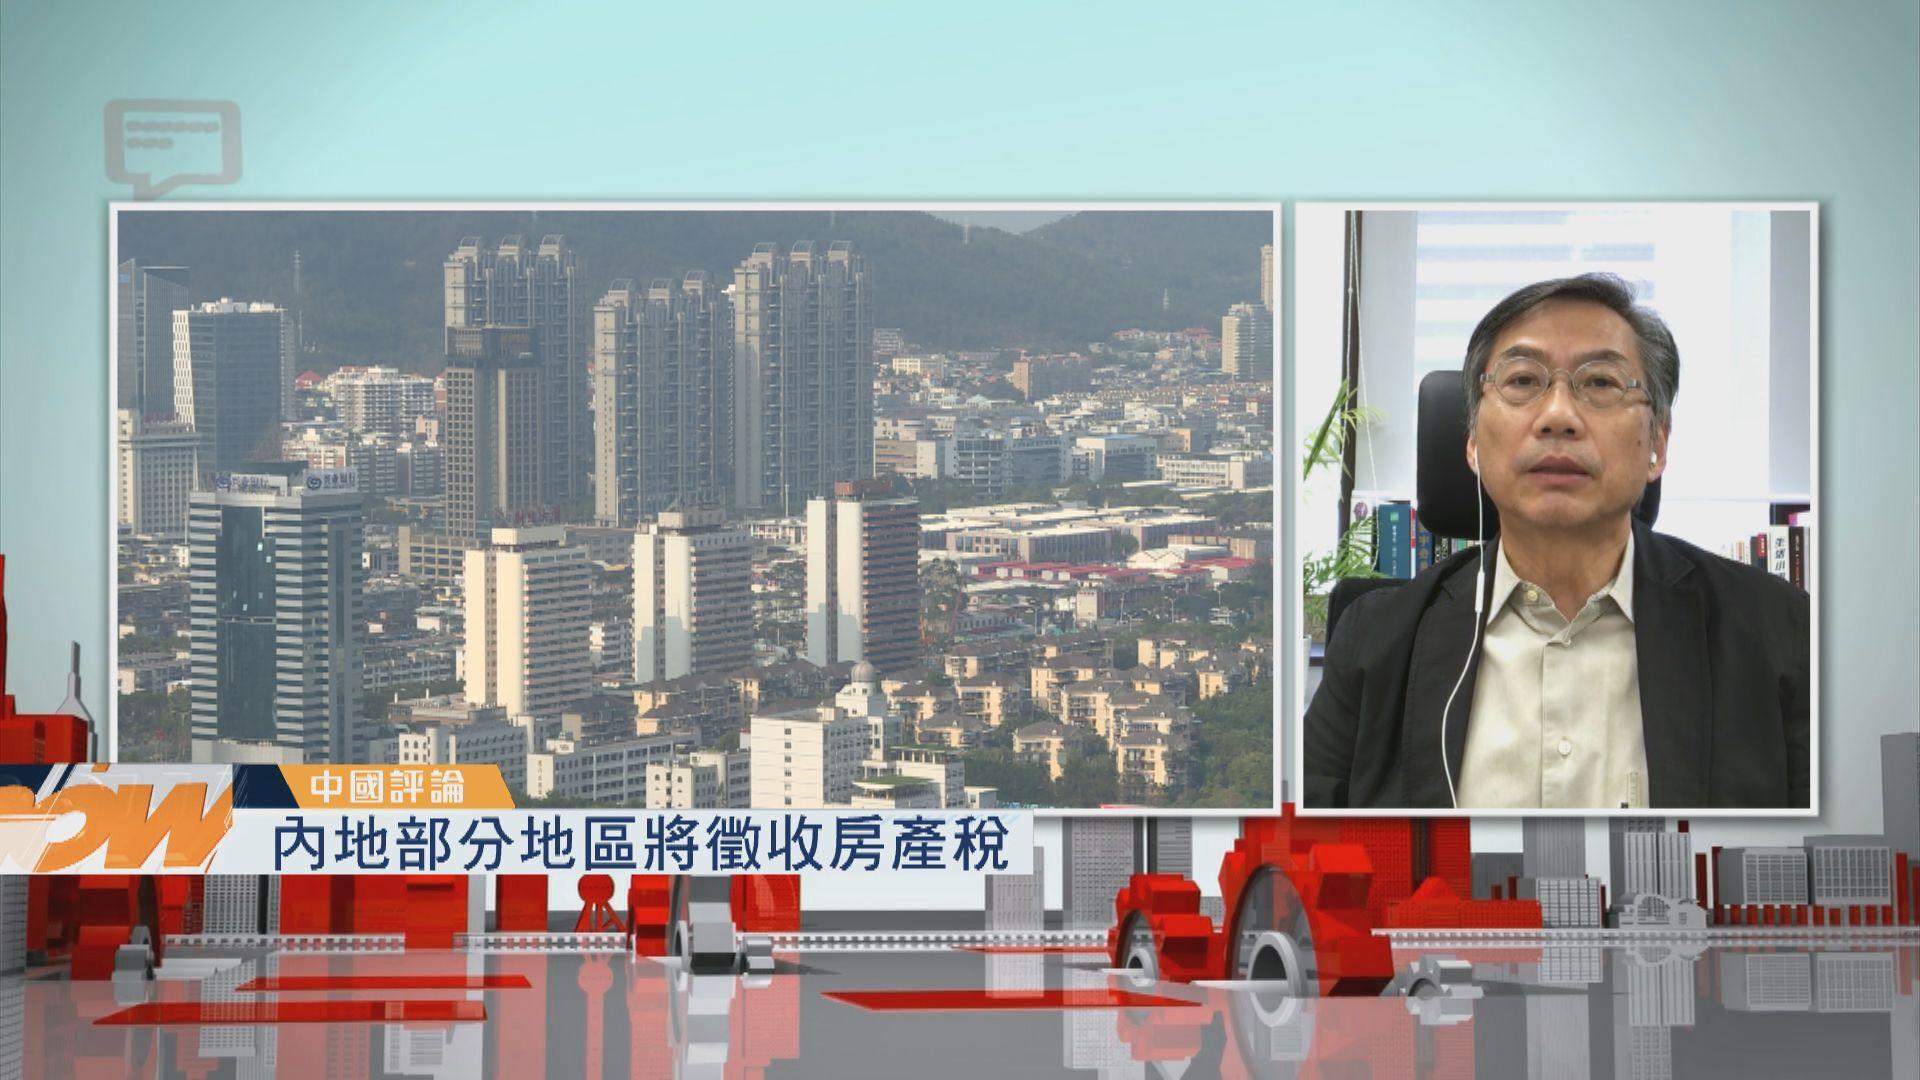 【中國評論】內地部分地區將徵收房產稅